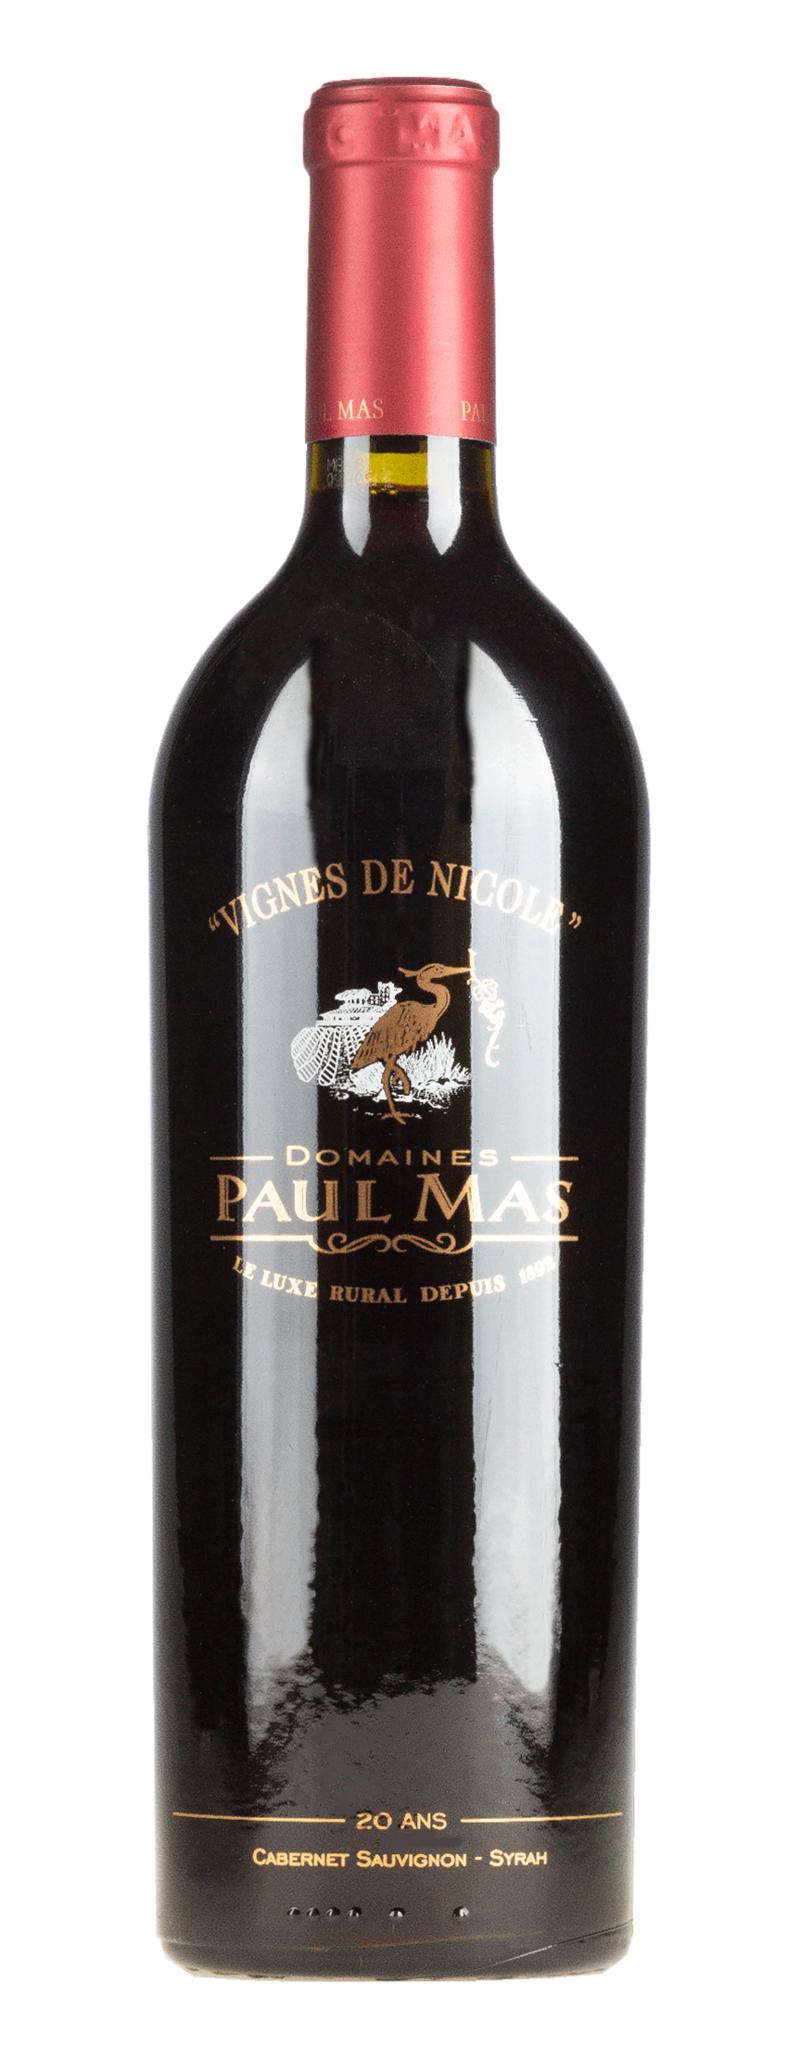 Mas, Paul - Languedoc 2020 Cabernet/Syrah Reserve 20 Jahre Vig. de Nicole, Paul Mas